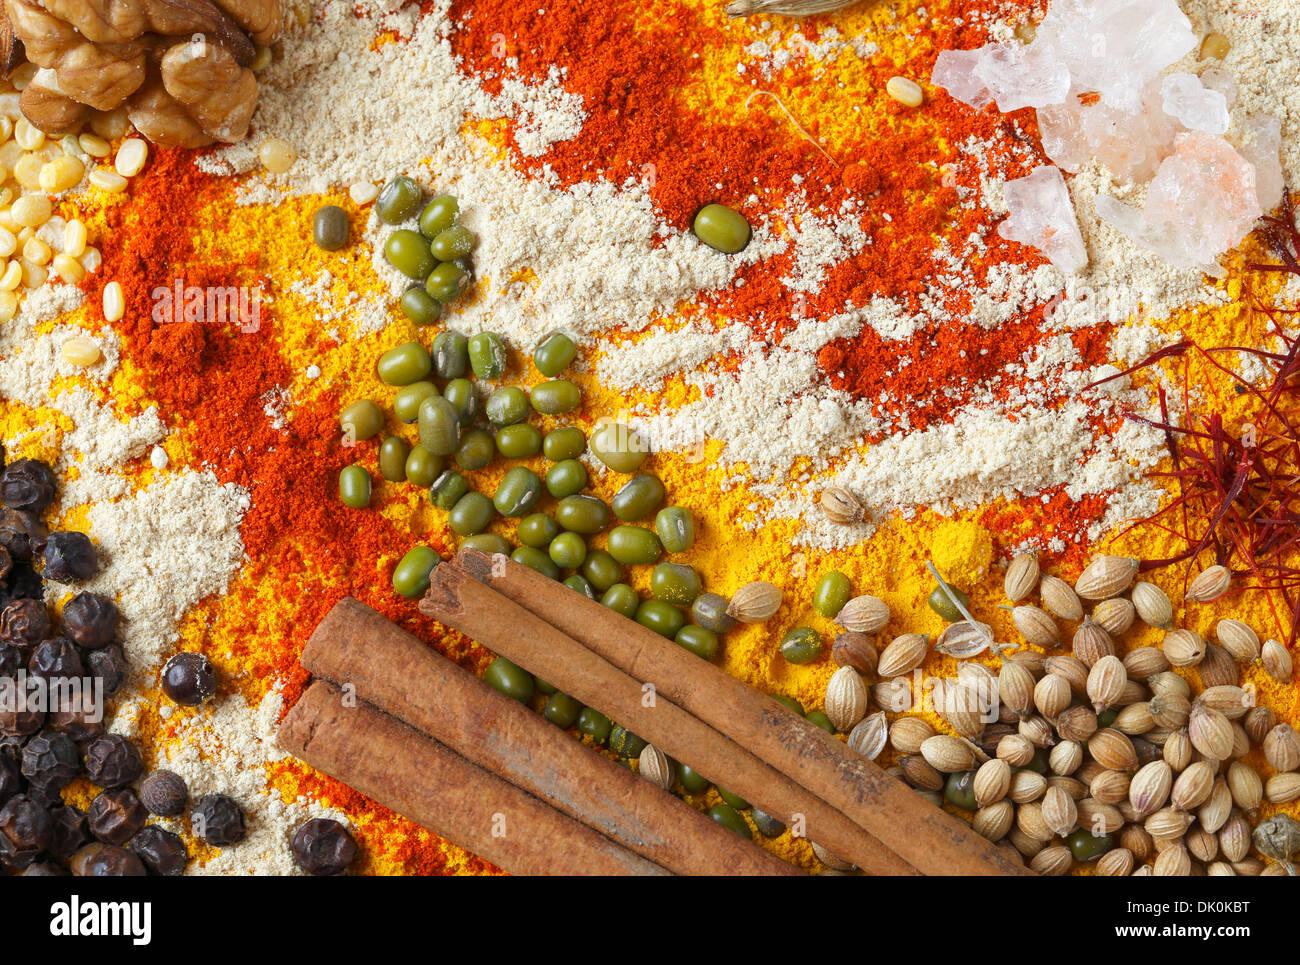 Blick auf eine Auswahl an Gewürzen und Zutaten, die in Indien und ...